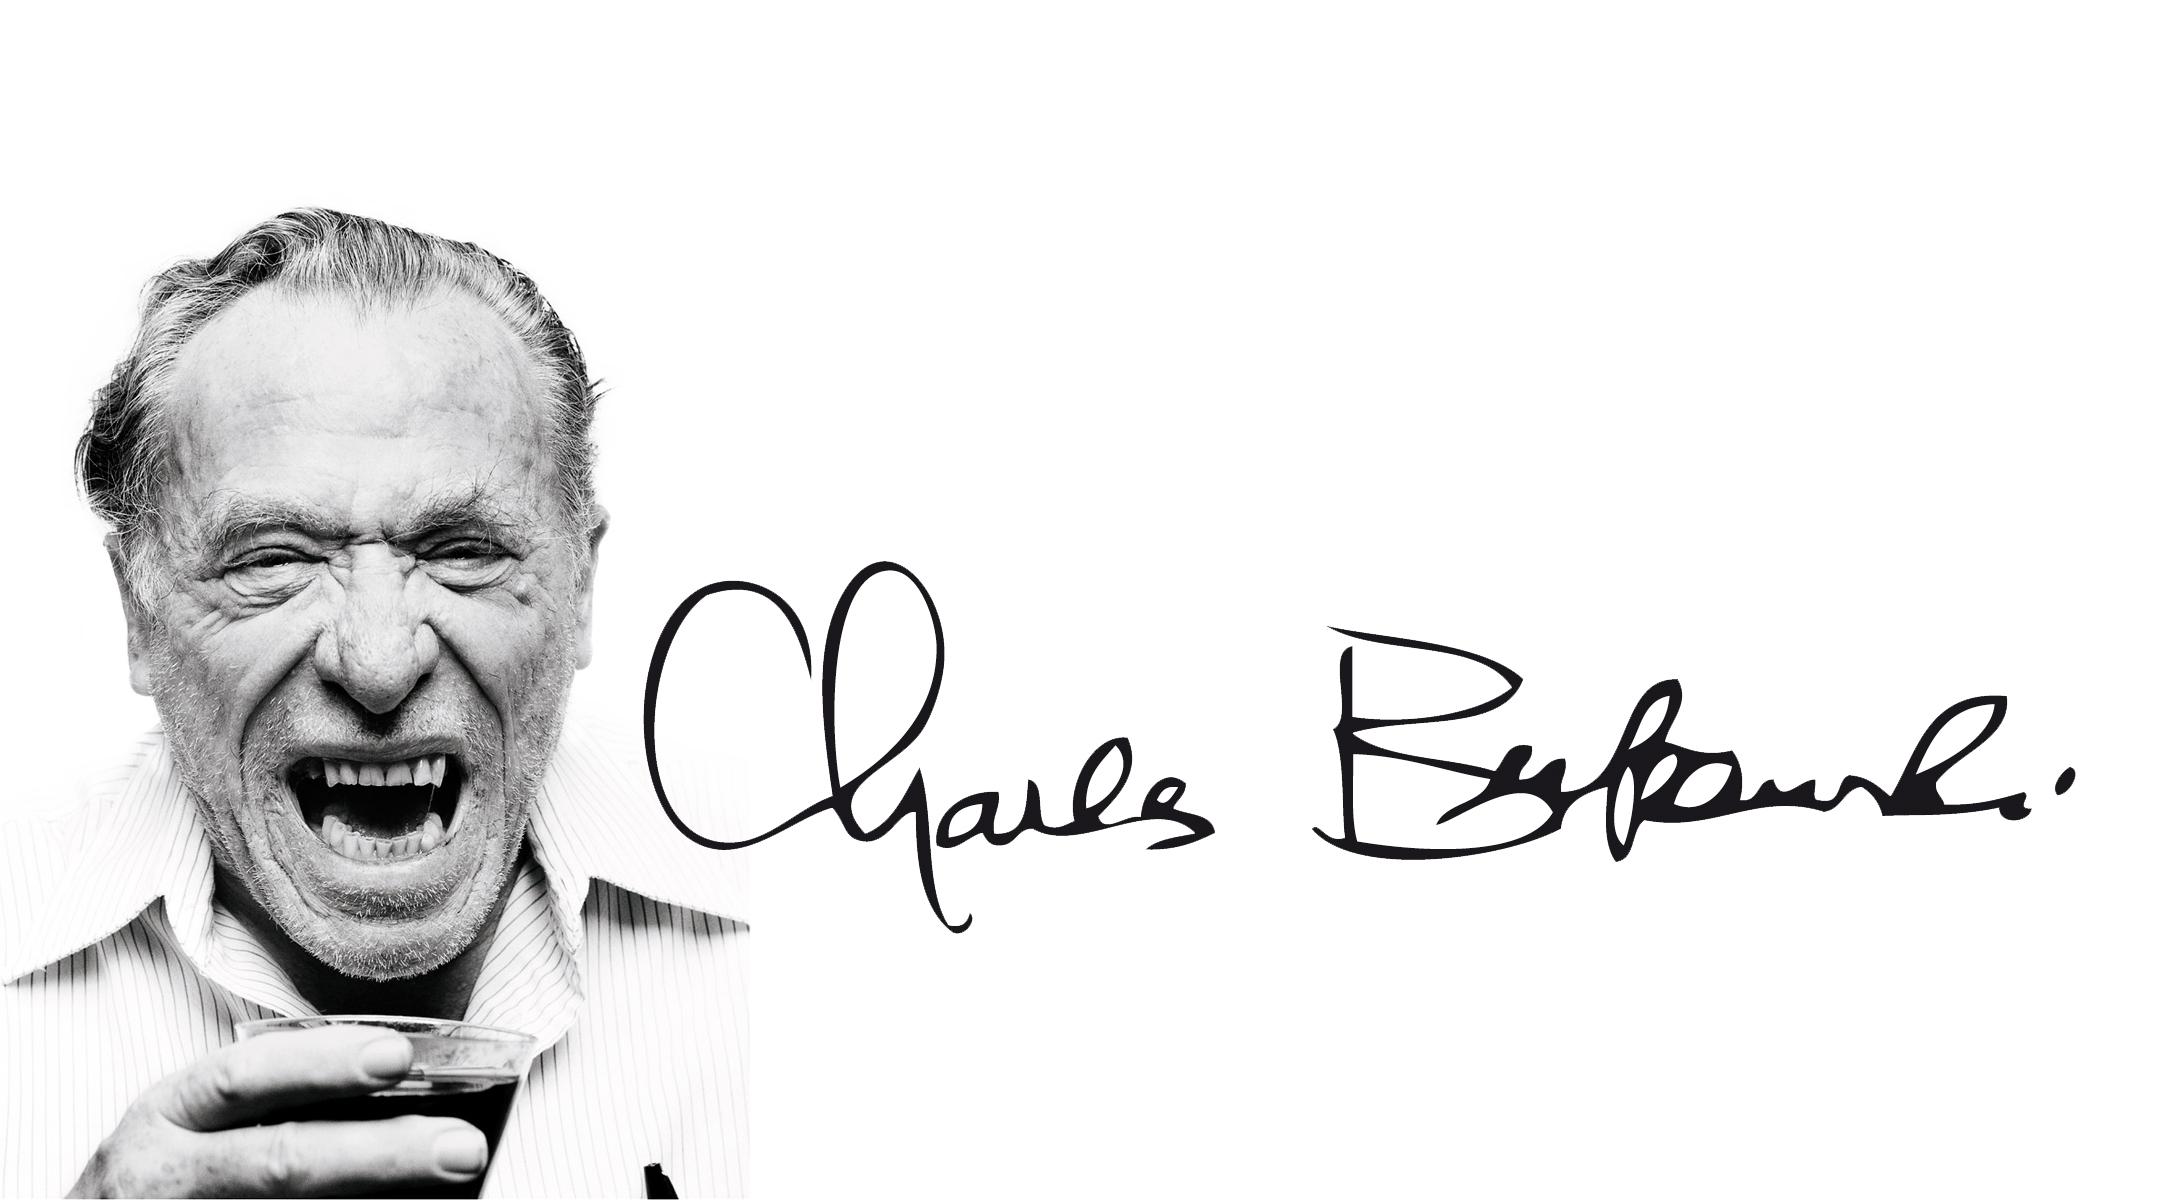 Publicar-un-libro-editar-Madrid - Barcelona -España-Cataluña-Catalunya-català-Andalucia-autoedicion-coedición-manuscrito-catalan-catalá-El-genio-de-la-multitud-de-Charles-Bukowski-2